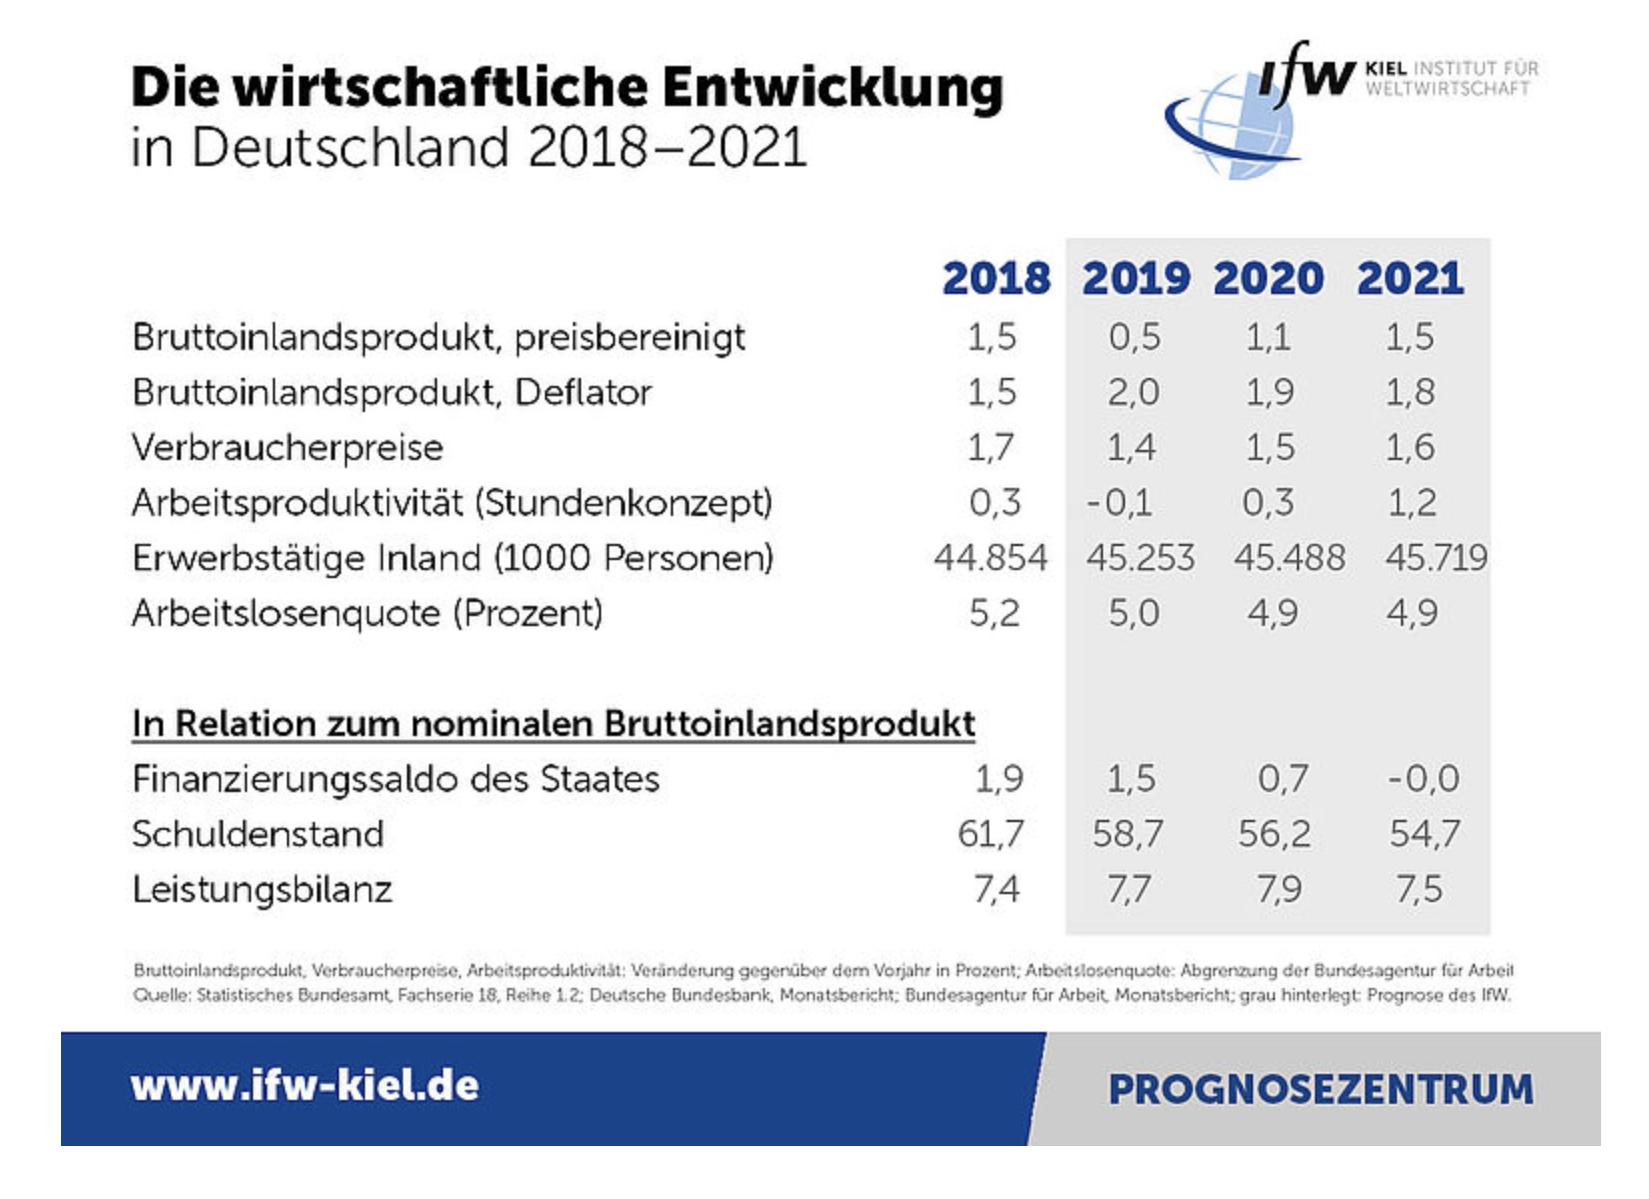 IfW Kiel Konjunkturprognosen